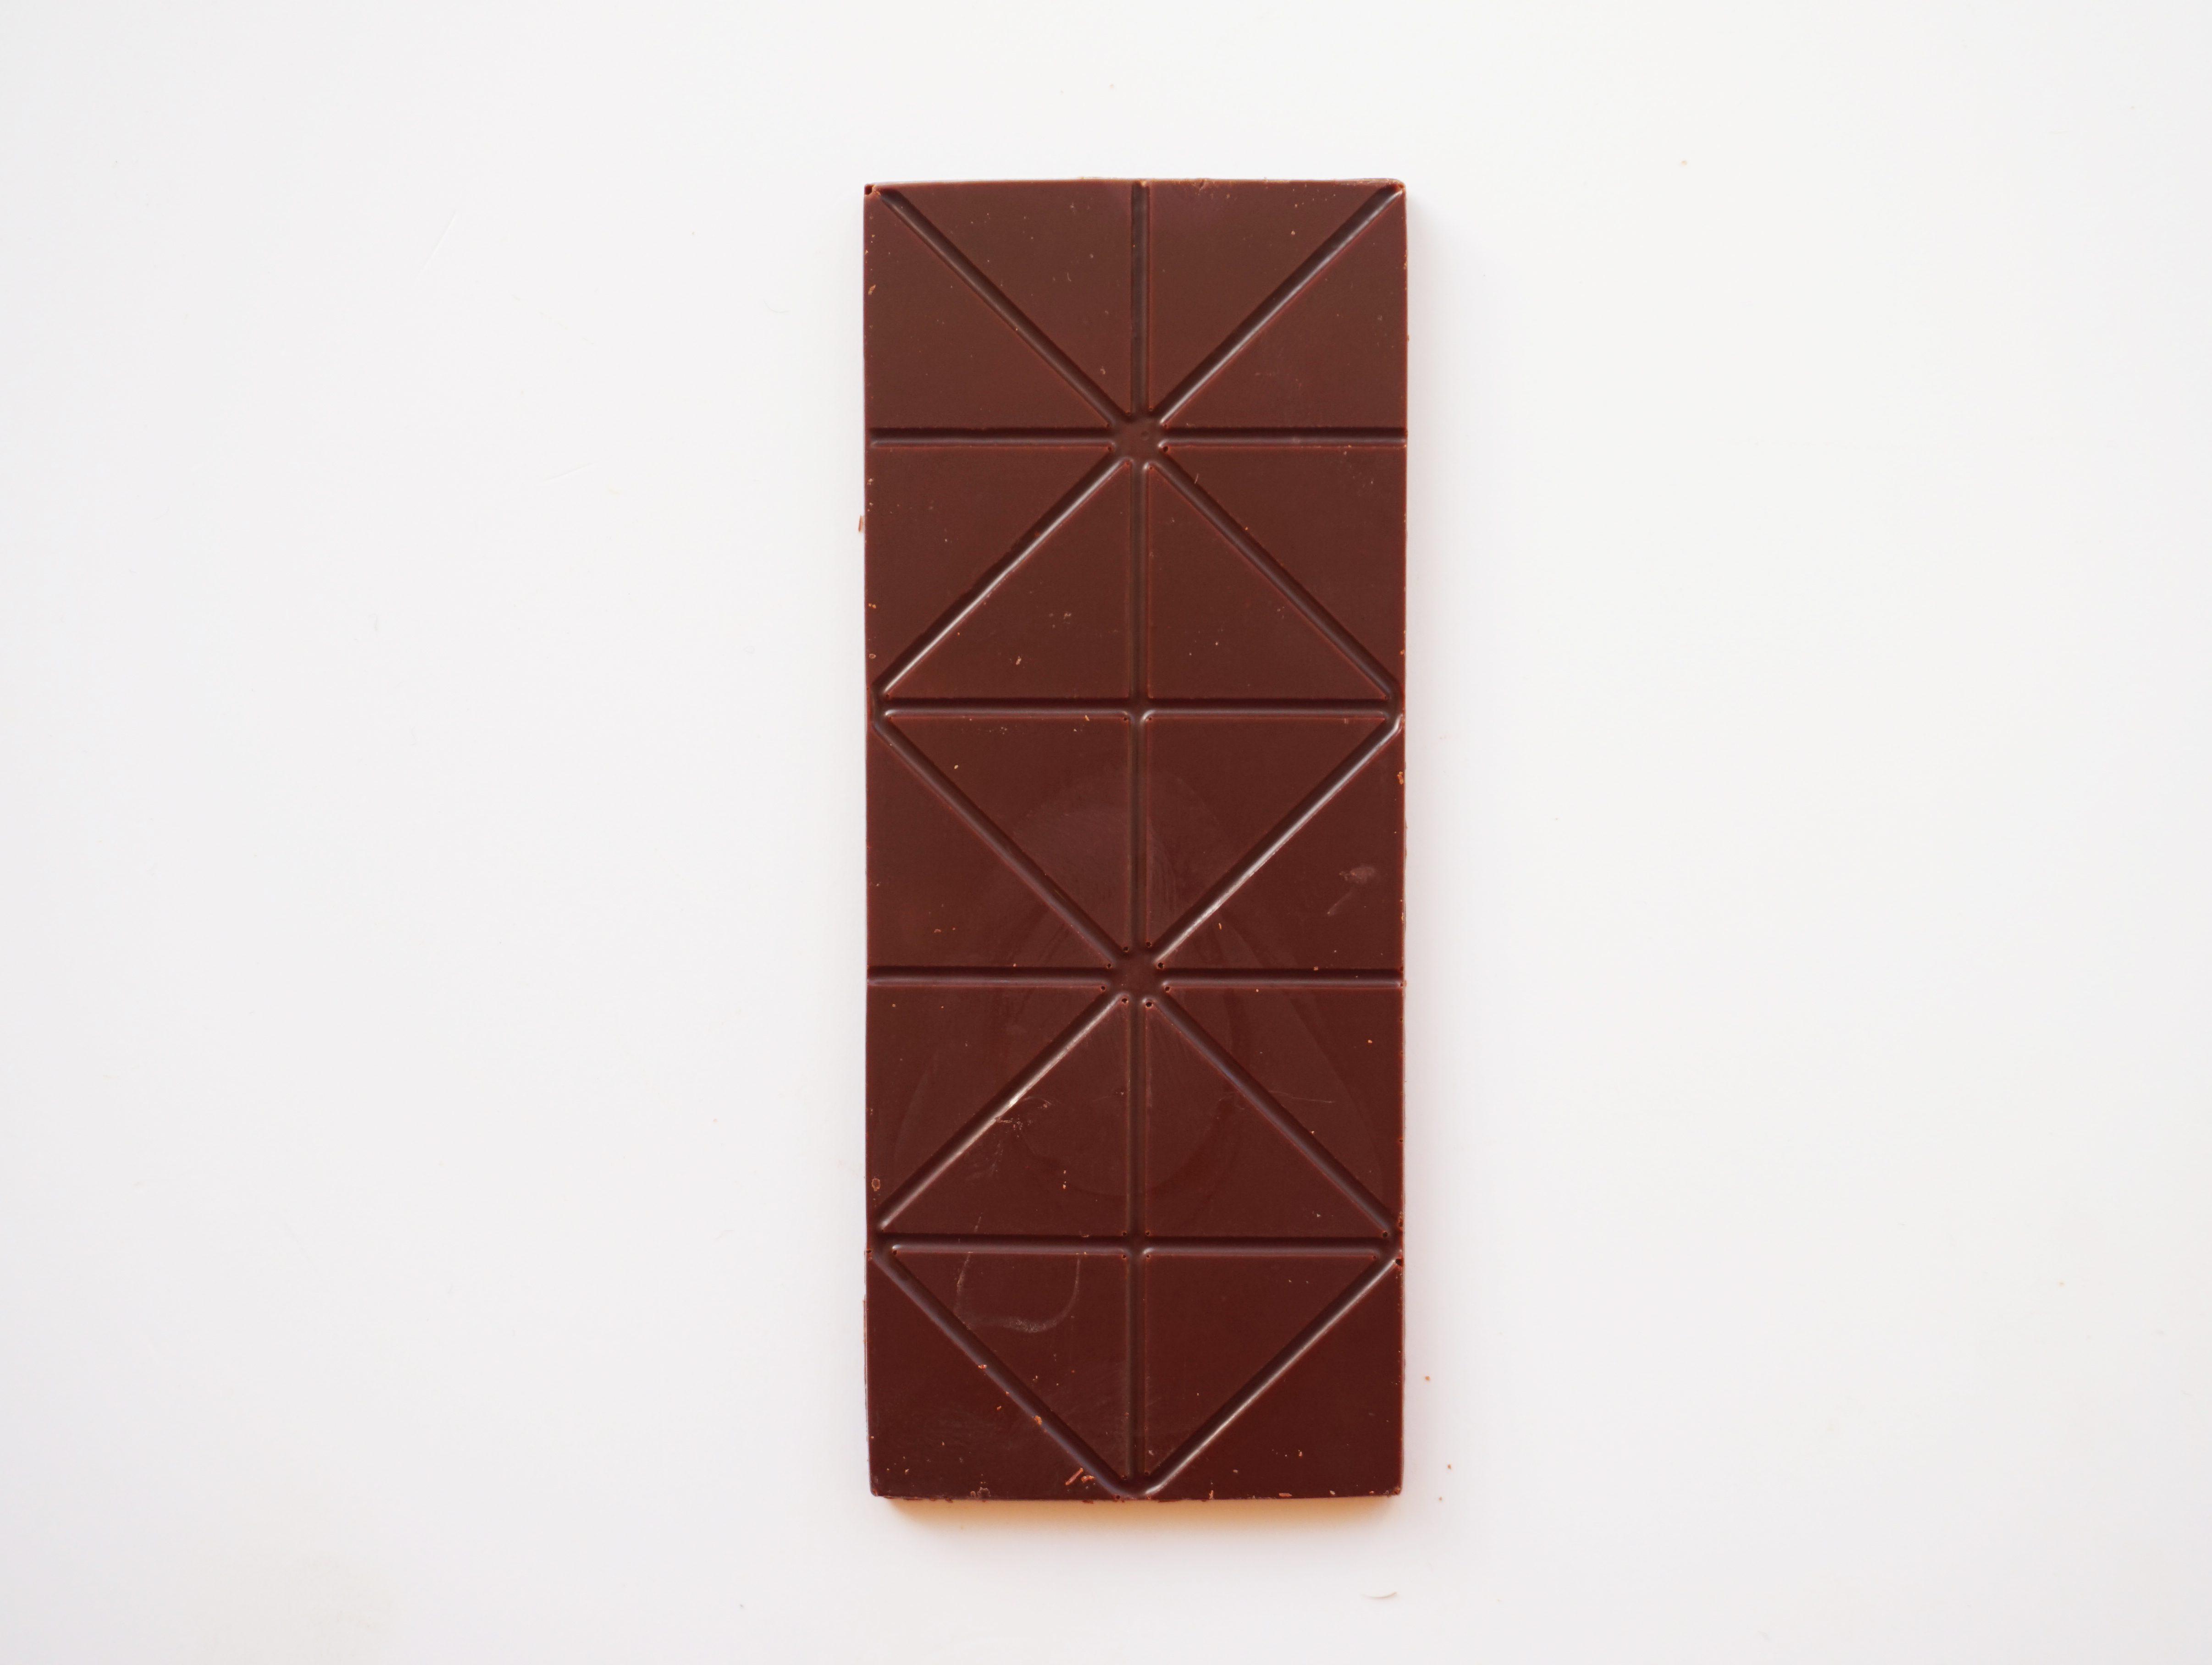 Mini Chocolat noir Cacaosuyo – Cedroncillo 70% de cacao